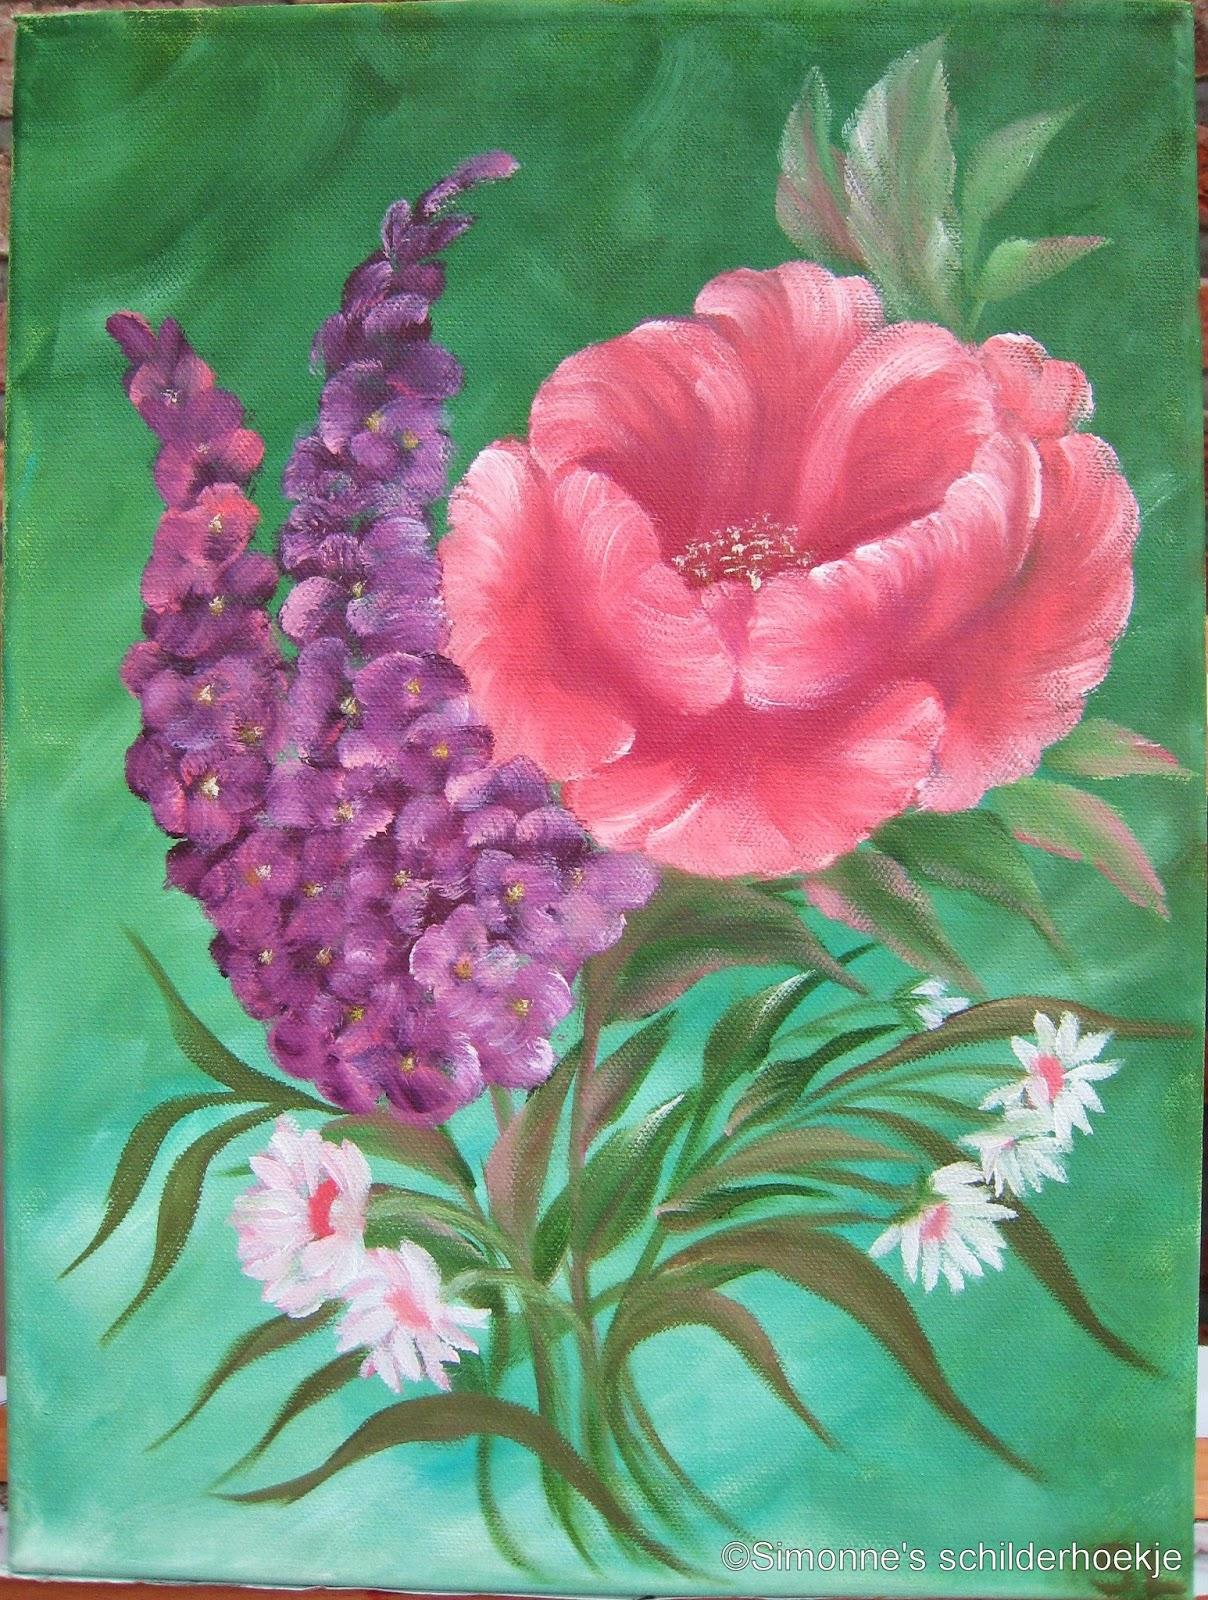 Simonne 39 s schilderhoekje de nieuwe verf onmiddellijk eens uitproberen - Hoe te krijgen roze in verf ...